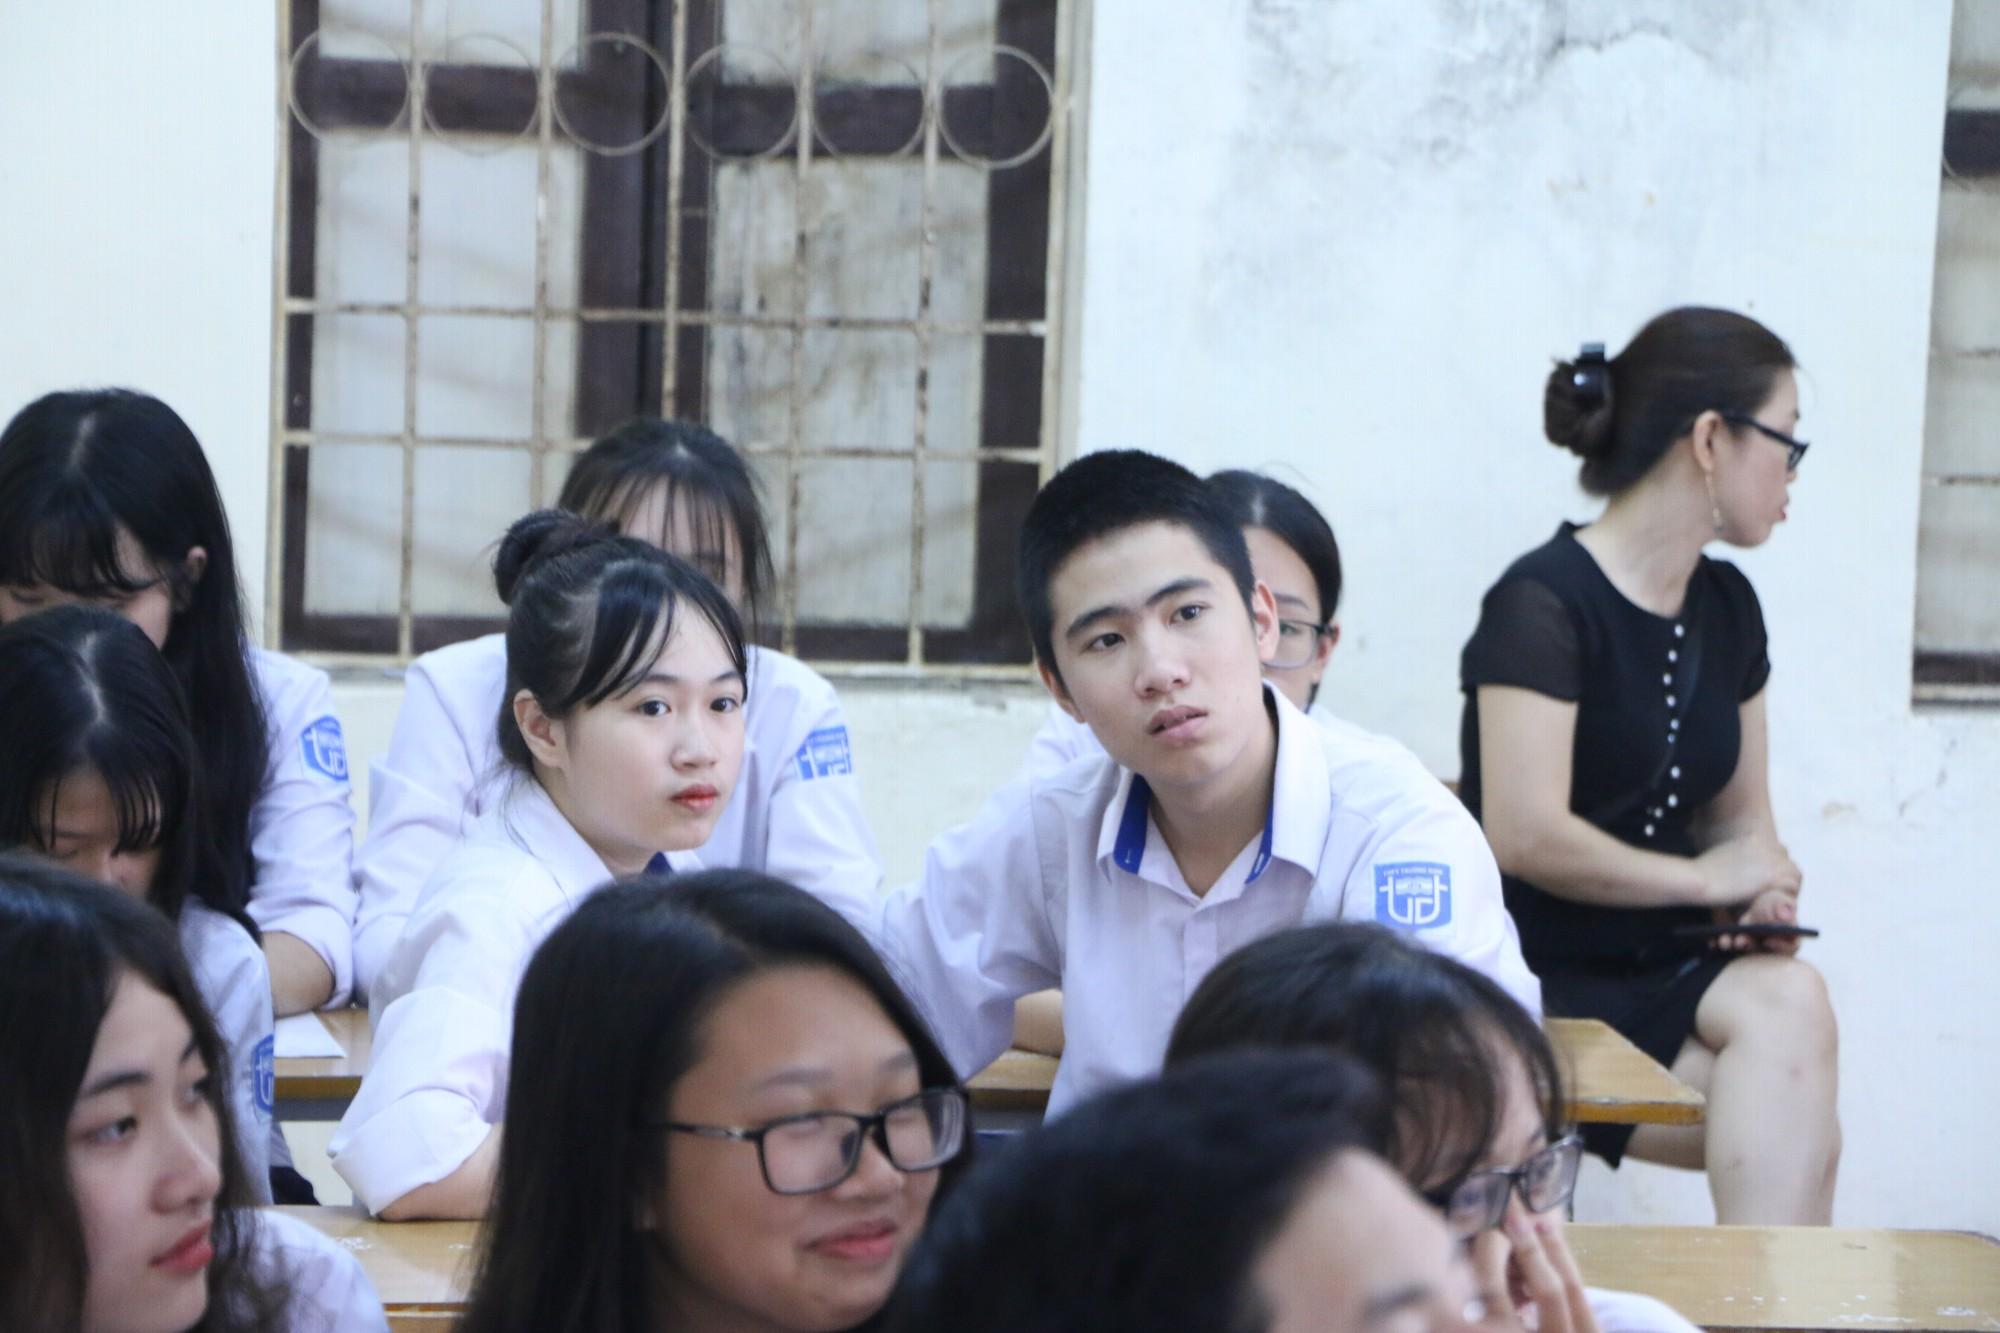 Vữa trần rơi, lan can được rào tạm bằng dây thép gai, ngôi trường cấp 3 giữa Hà Nội có nguy cơ đổ sập  - Ảnh 11.